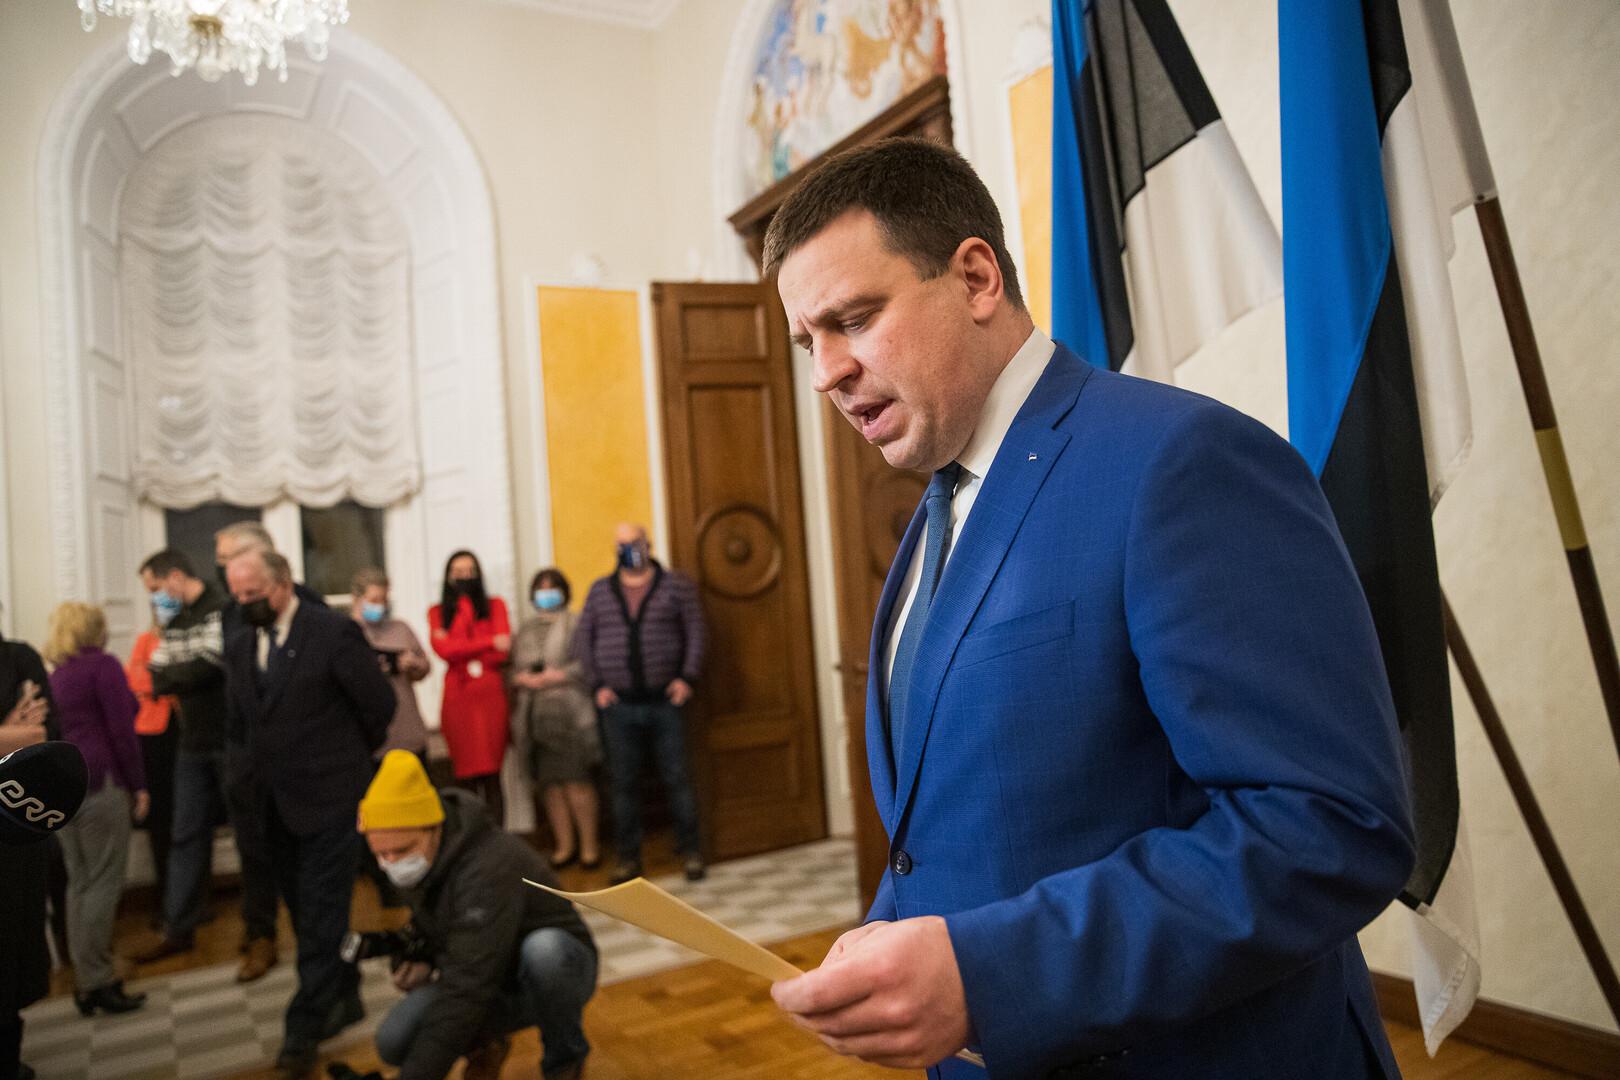 爱沙尼亚总理拉塔斯因腐败丑闻辞职